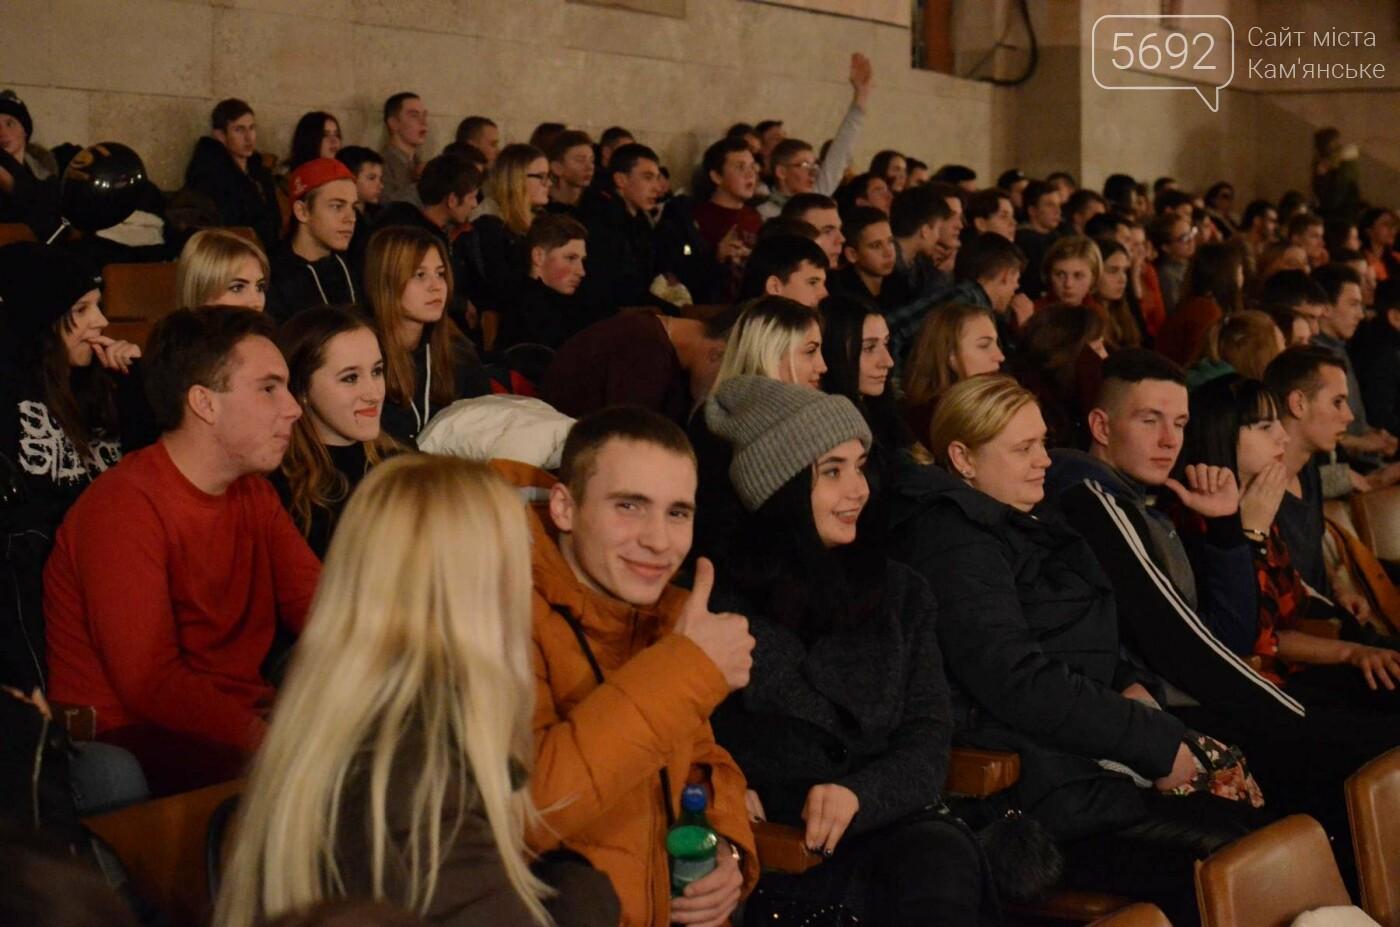 Ночь кино в Каменском посвятили Хэллоуину, фото-3